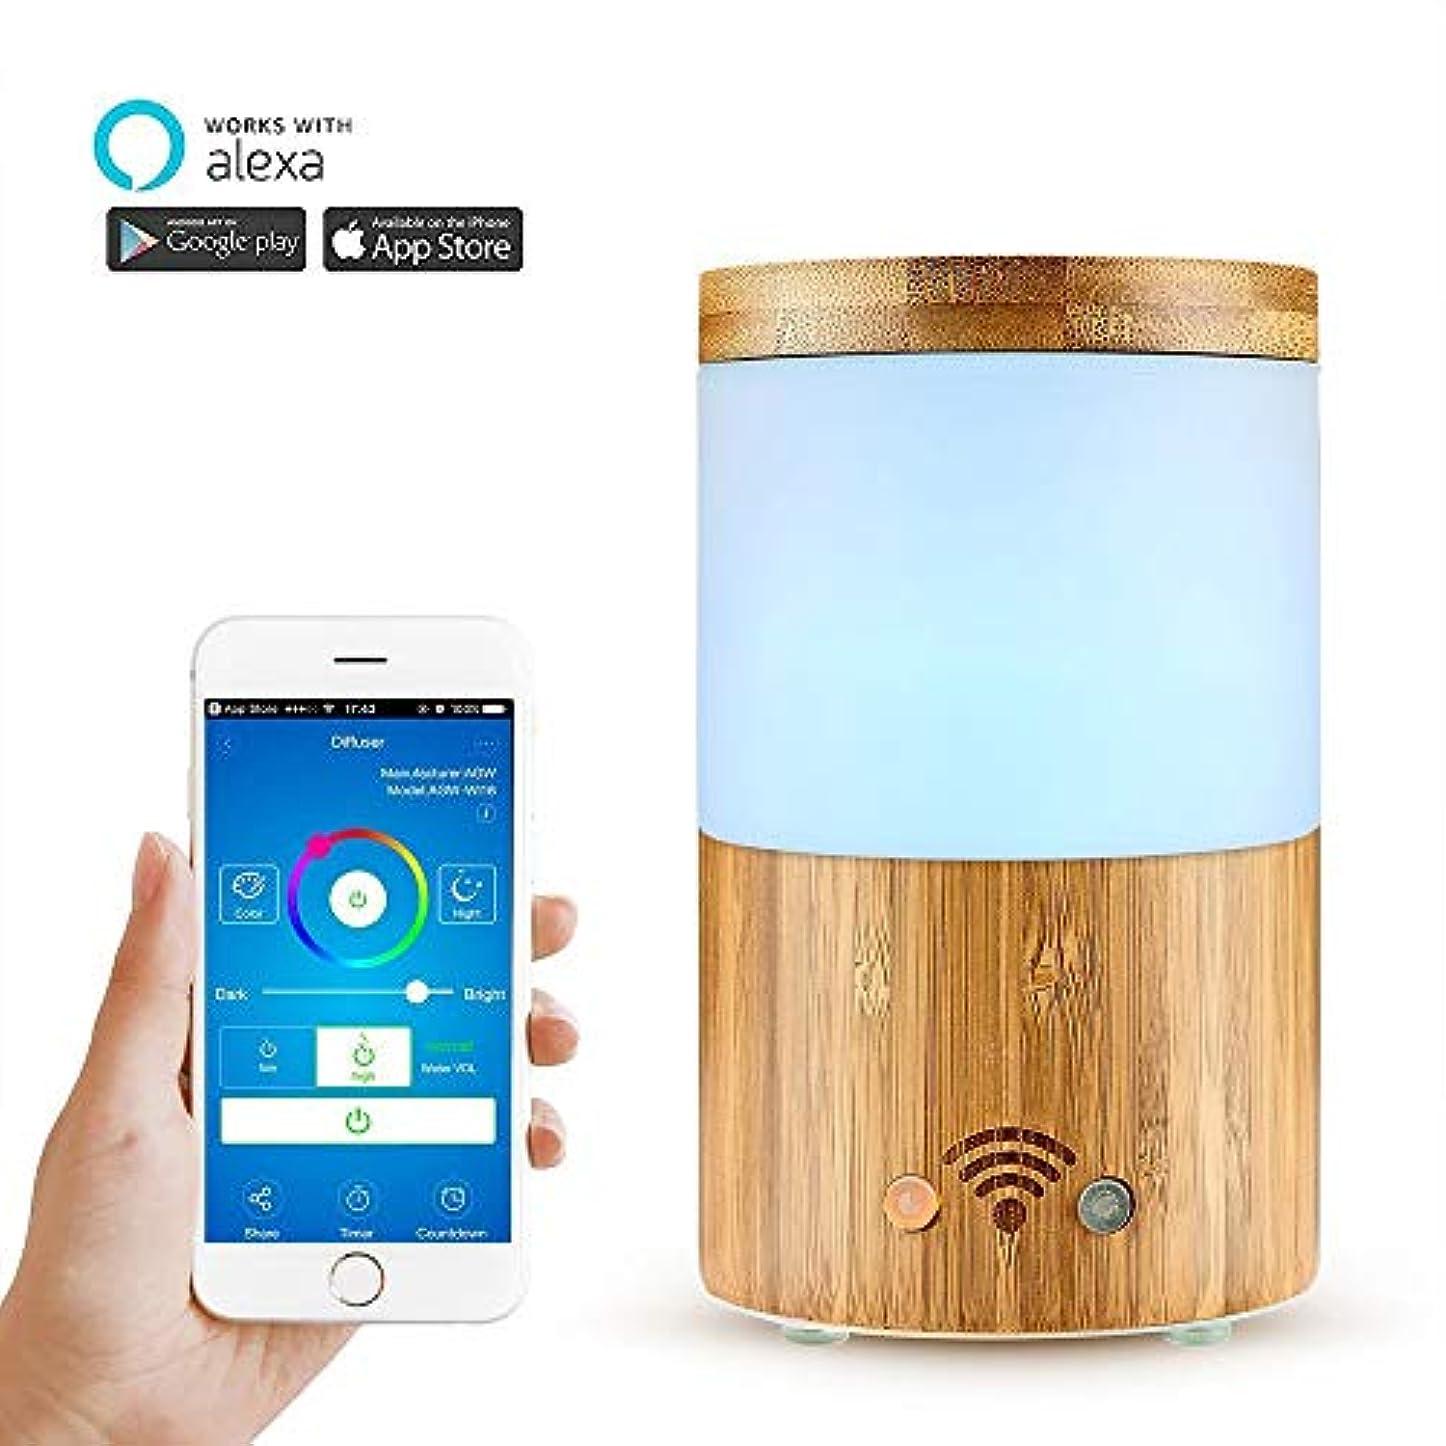 推定する対話大騒ぎWifiワイヤレスアロマエッセンシャルオイルディフューザー、電話アプリ、音声コントロール-スケジュールの作成-160mlディフューザーと加湿器-LEDとタイマーの設定